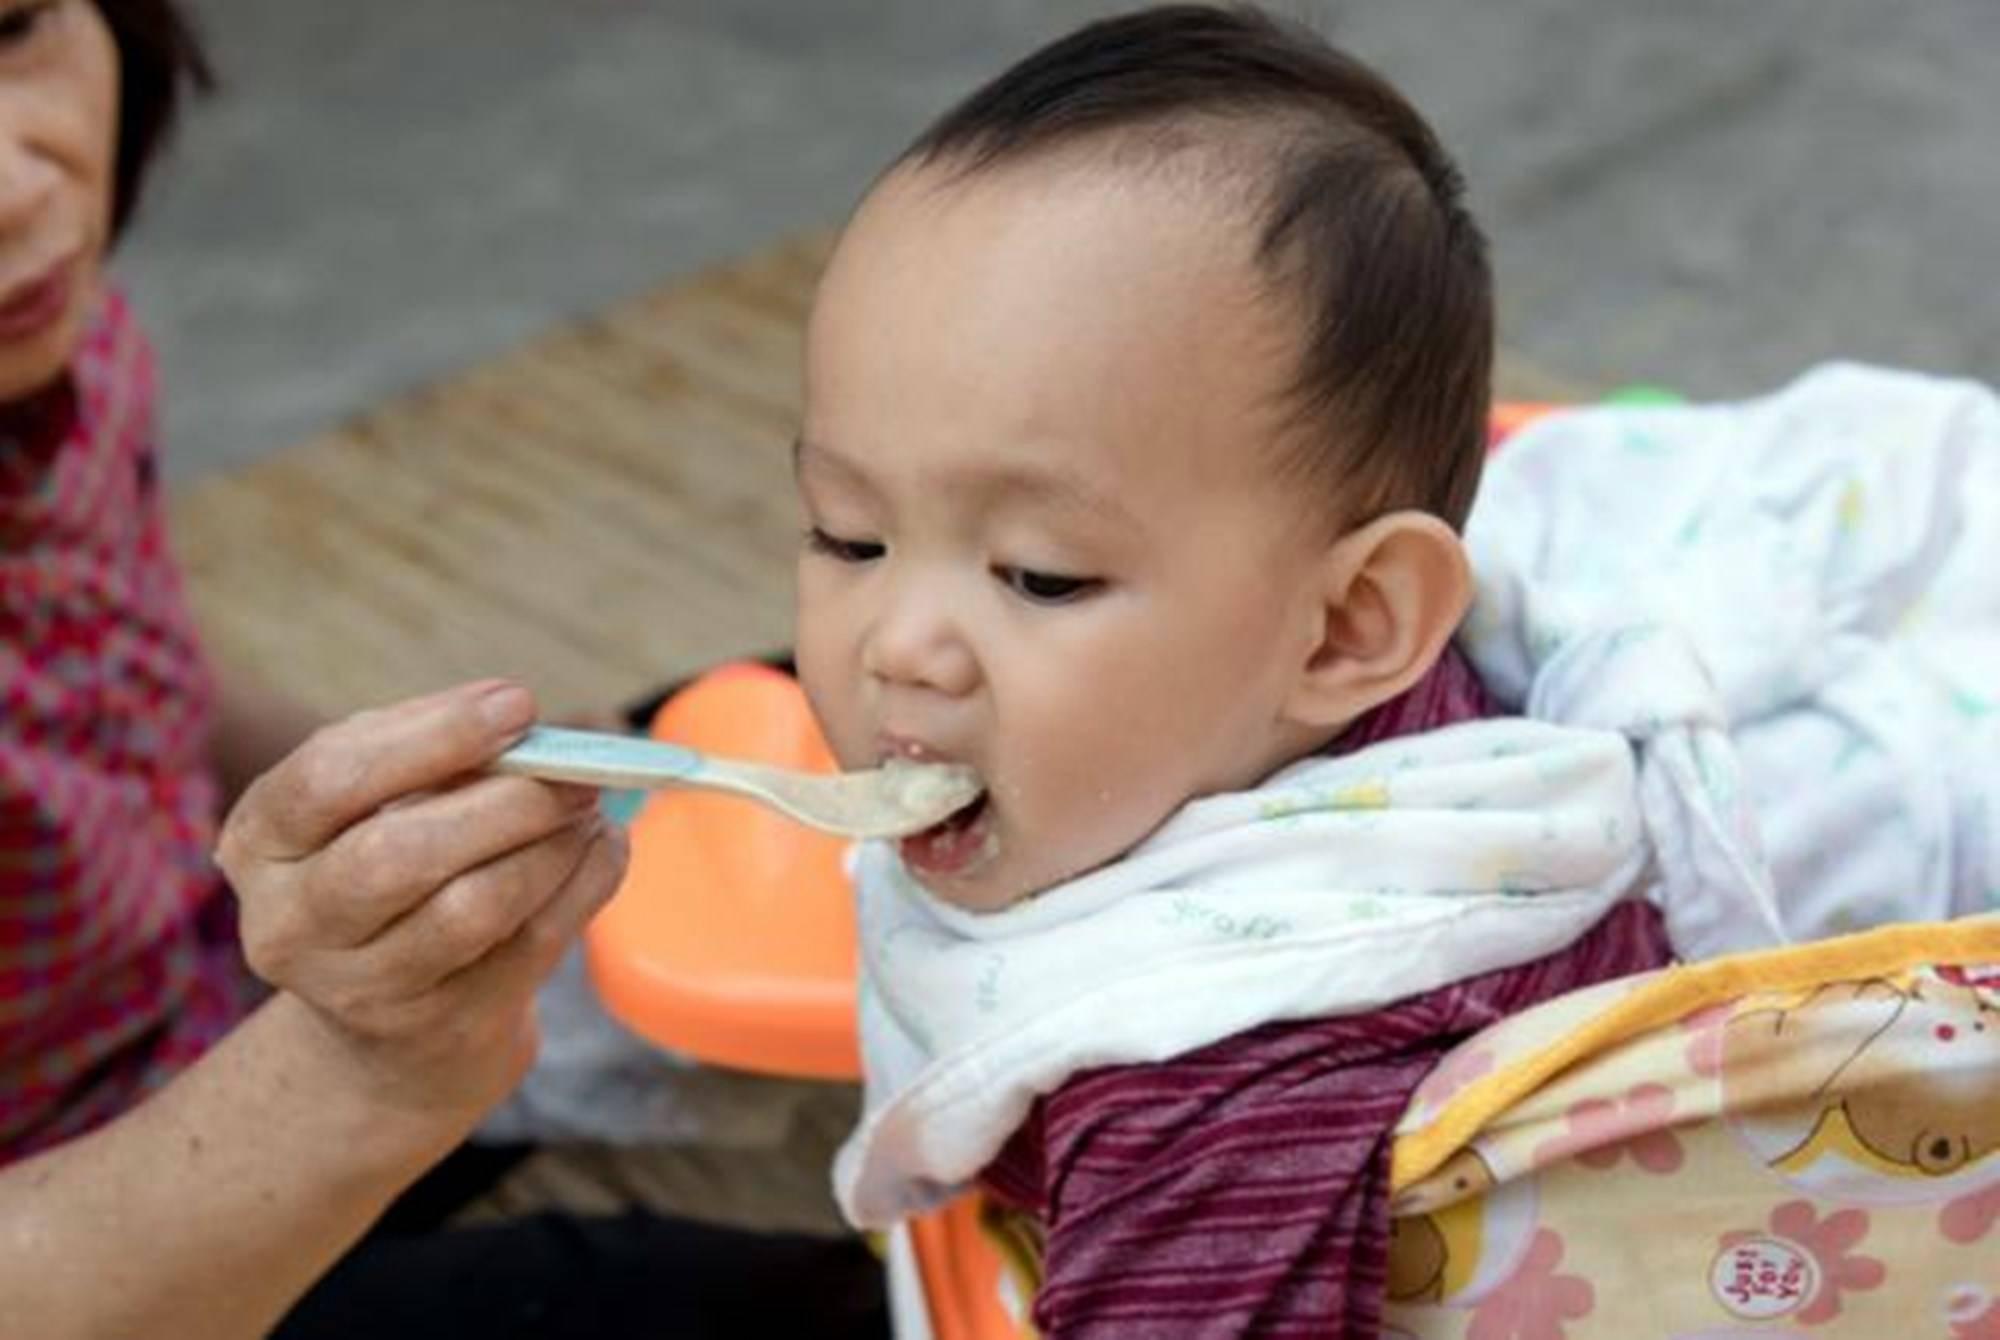 """儿科医生:孩子3岁前辅食要做到""""三碰四不碰"""",早知道省不少心"""